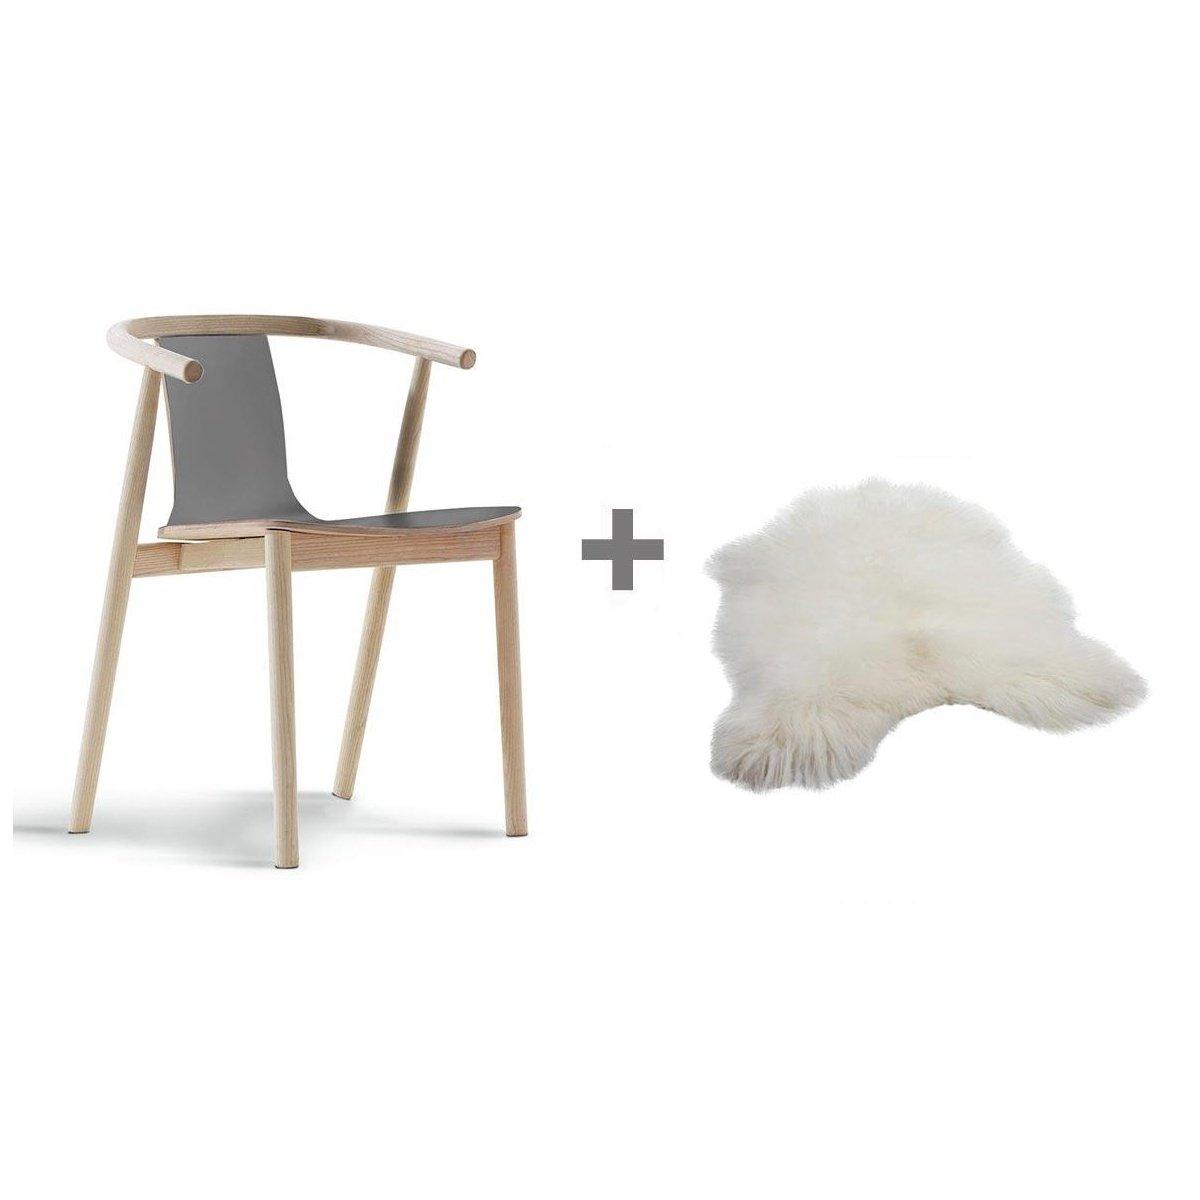 prezzi al dettaglio vendita di liquidazione 100% di alta qualità Cappellini aktions Set BAC Sedia con braccioli + Fell, in legno di ...